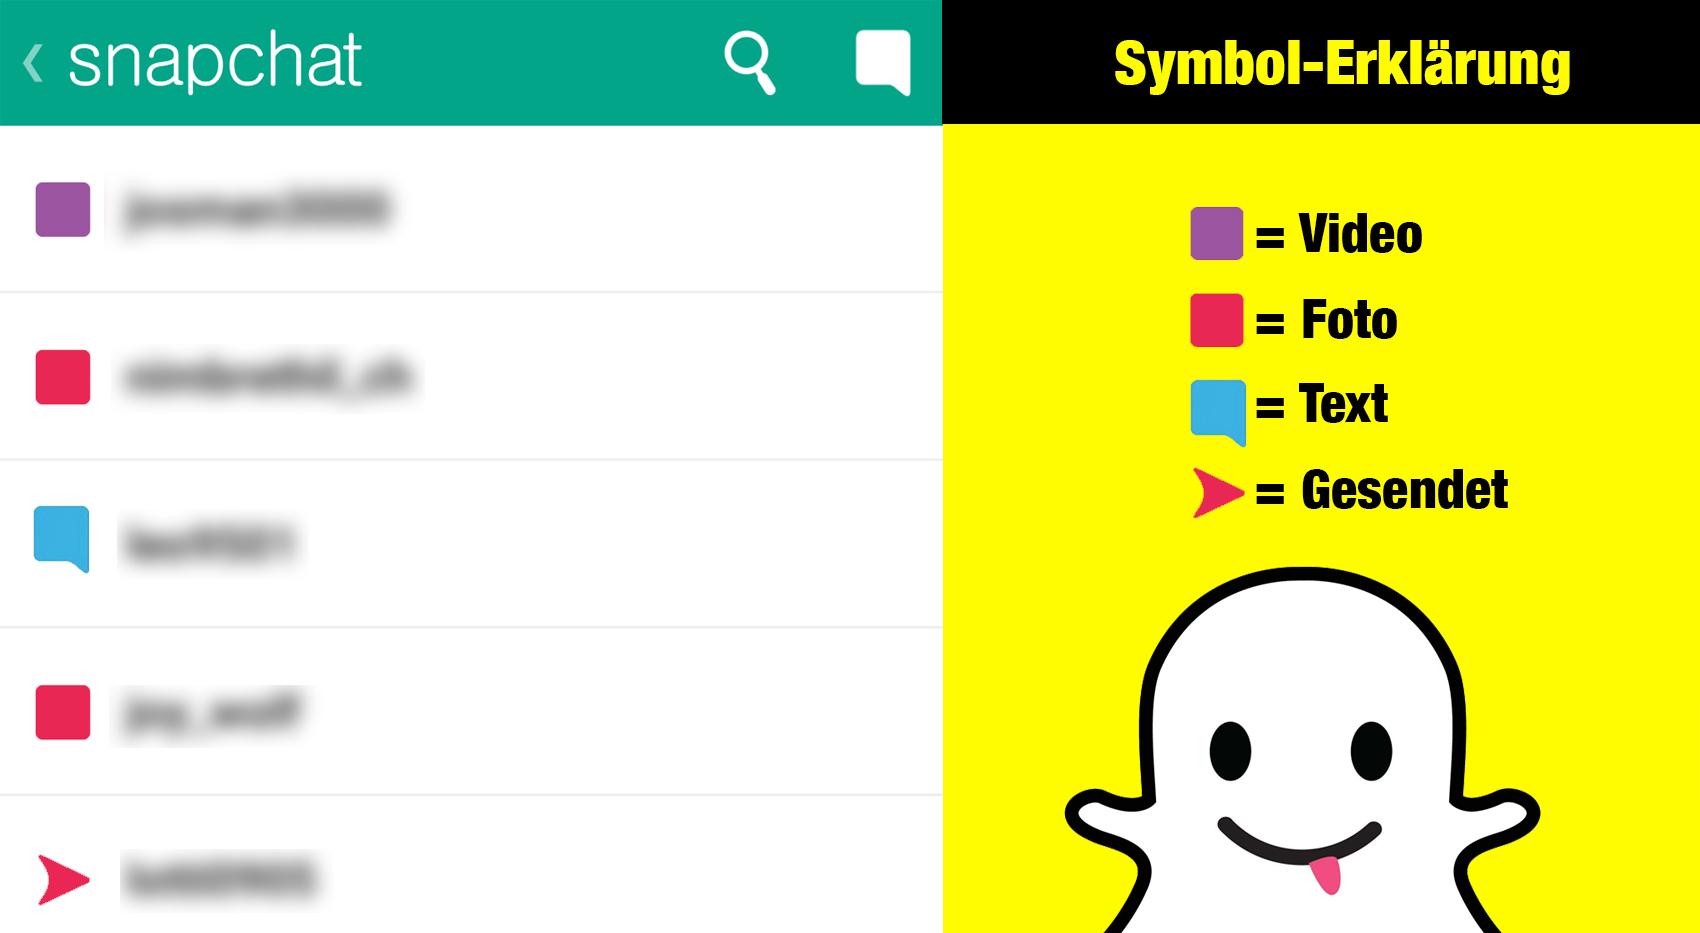 snapchat_symbol